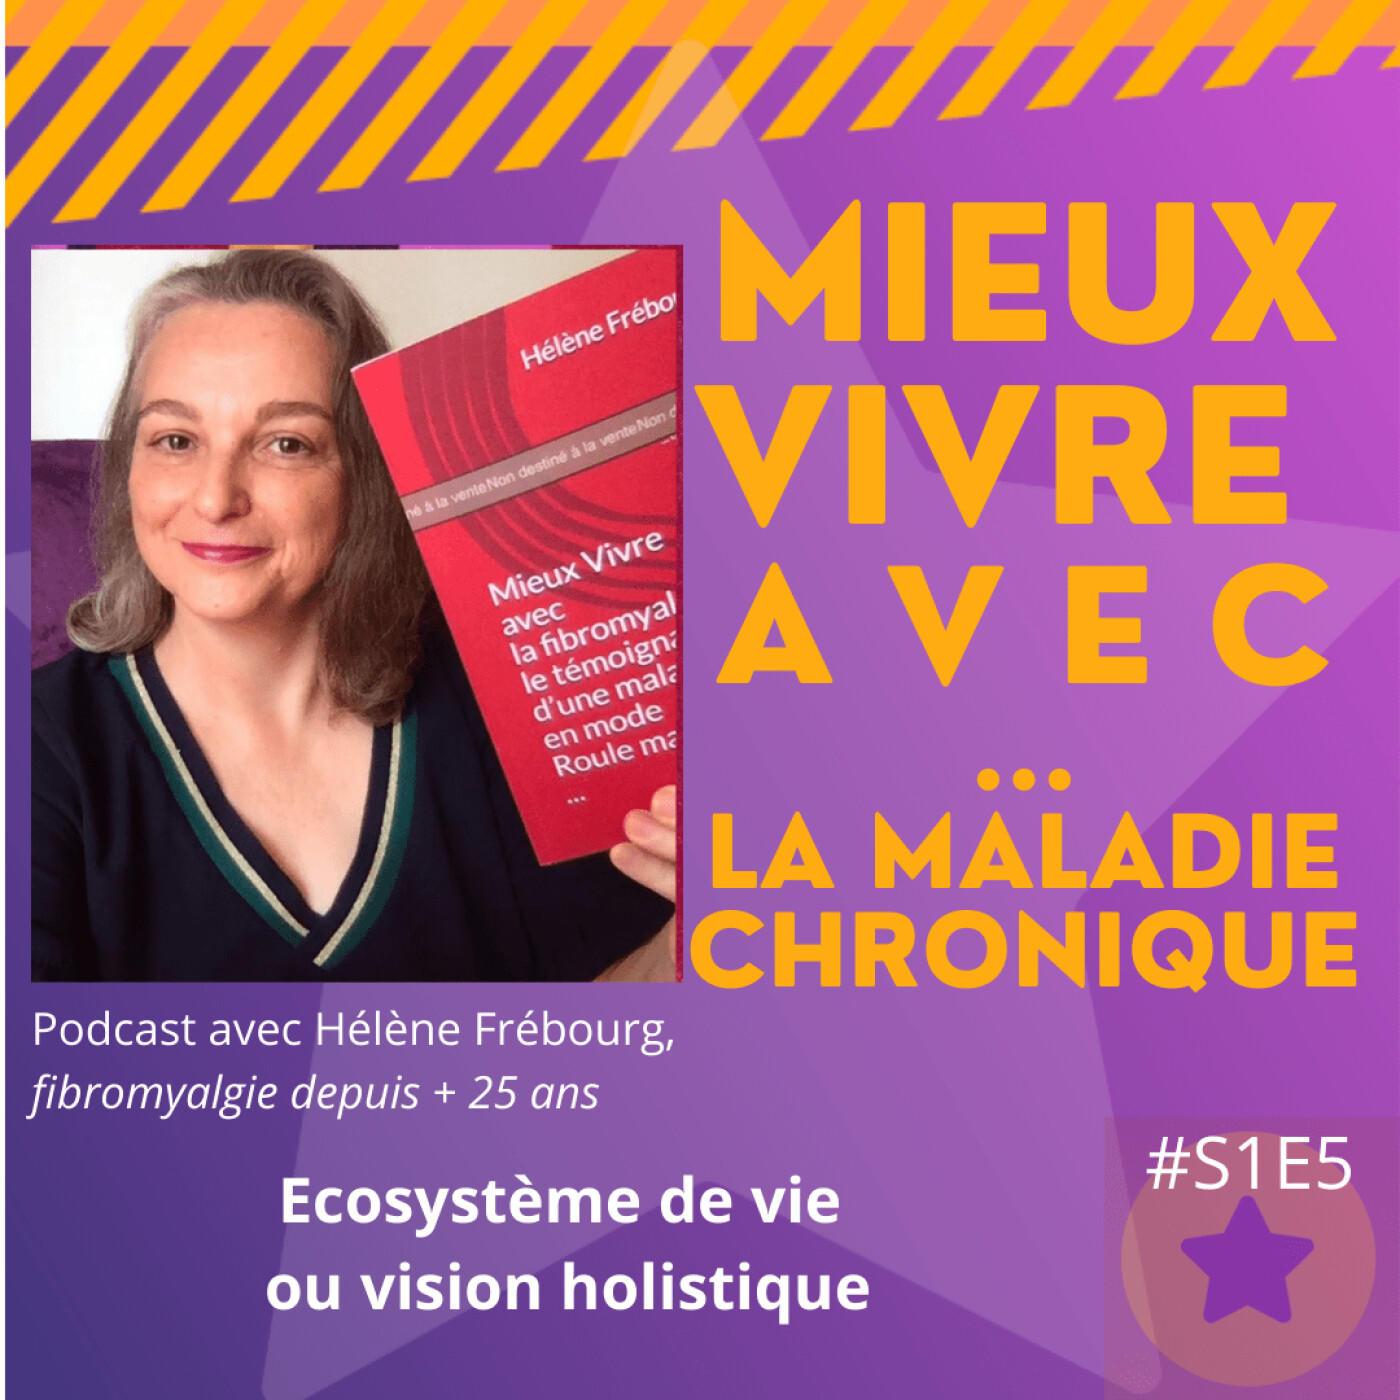 S1E5 Ecosystème de vie ou vision holistique